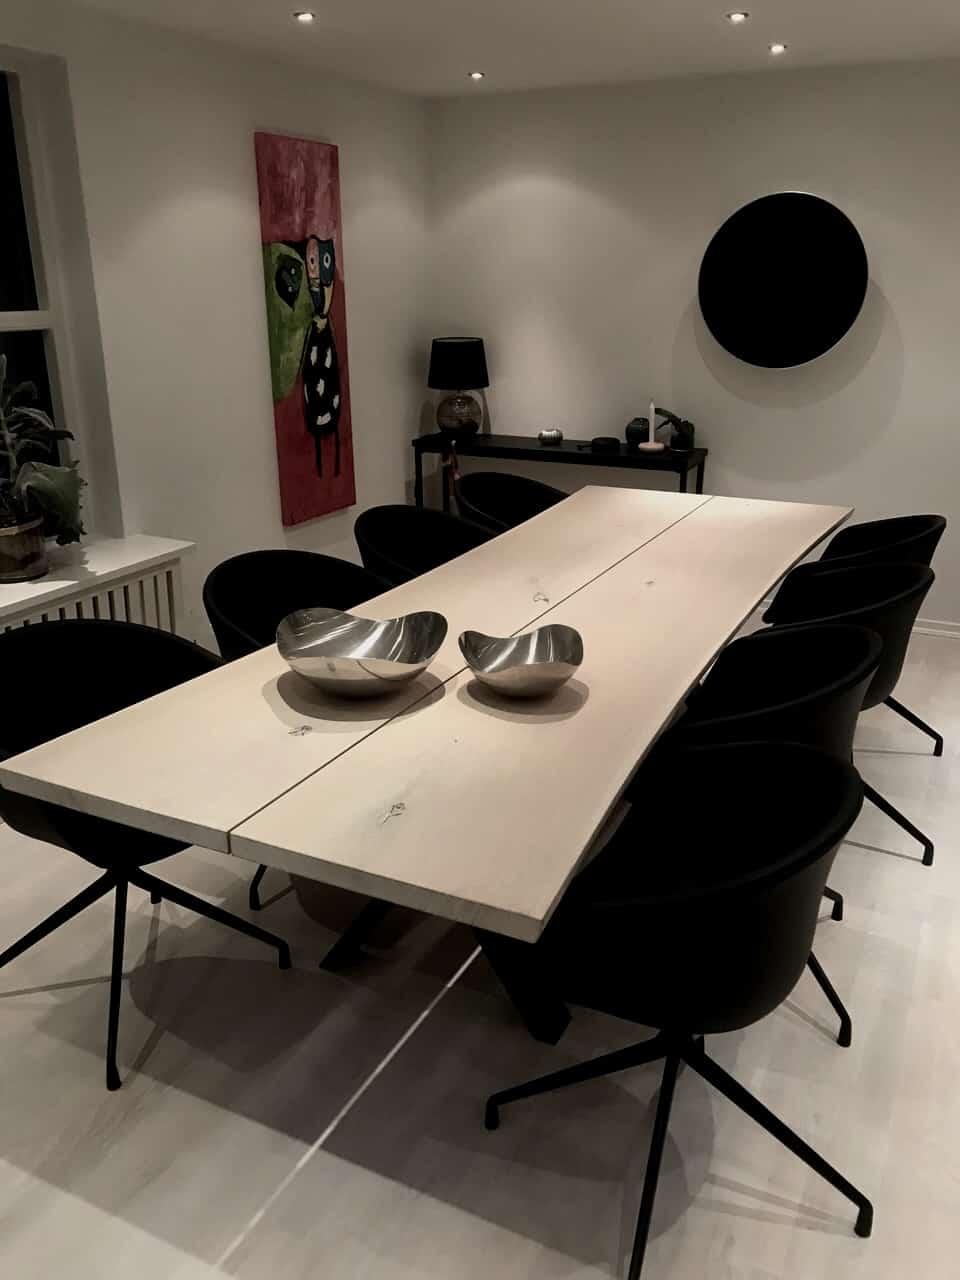 Lyst planke spisebord i moderne omgivelser